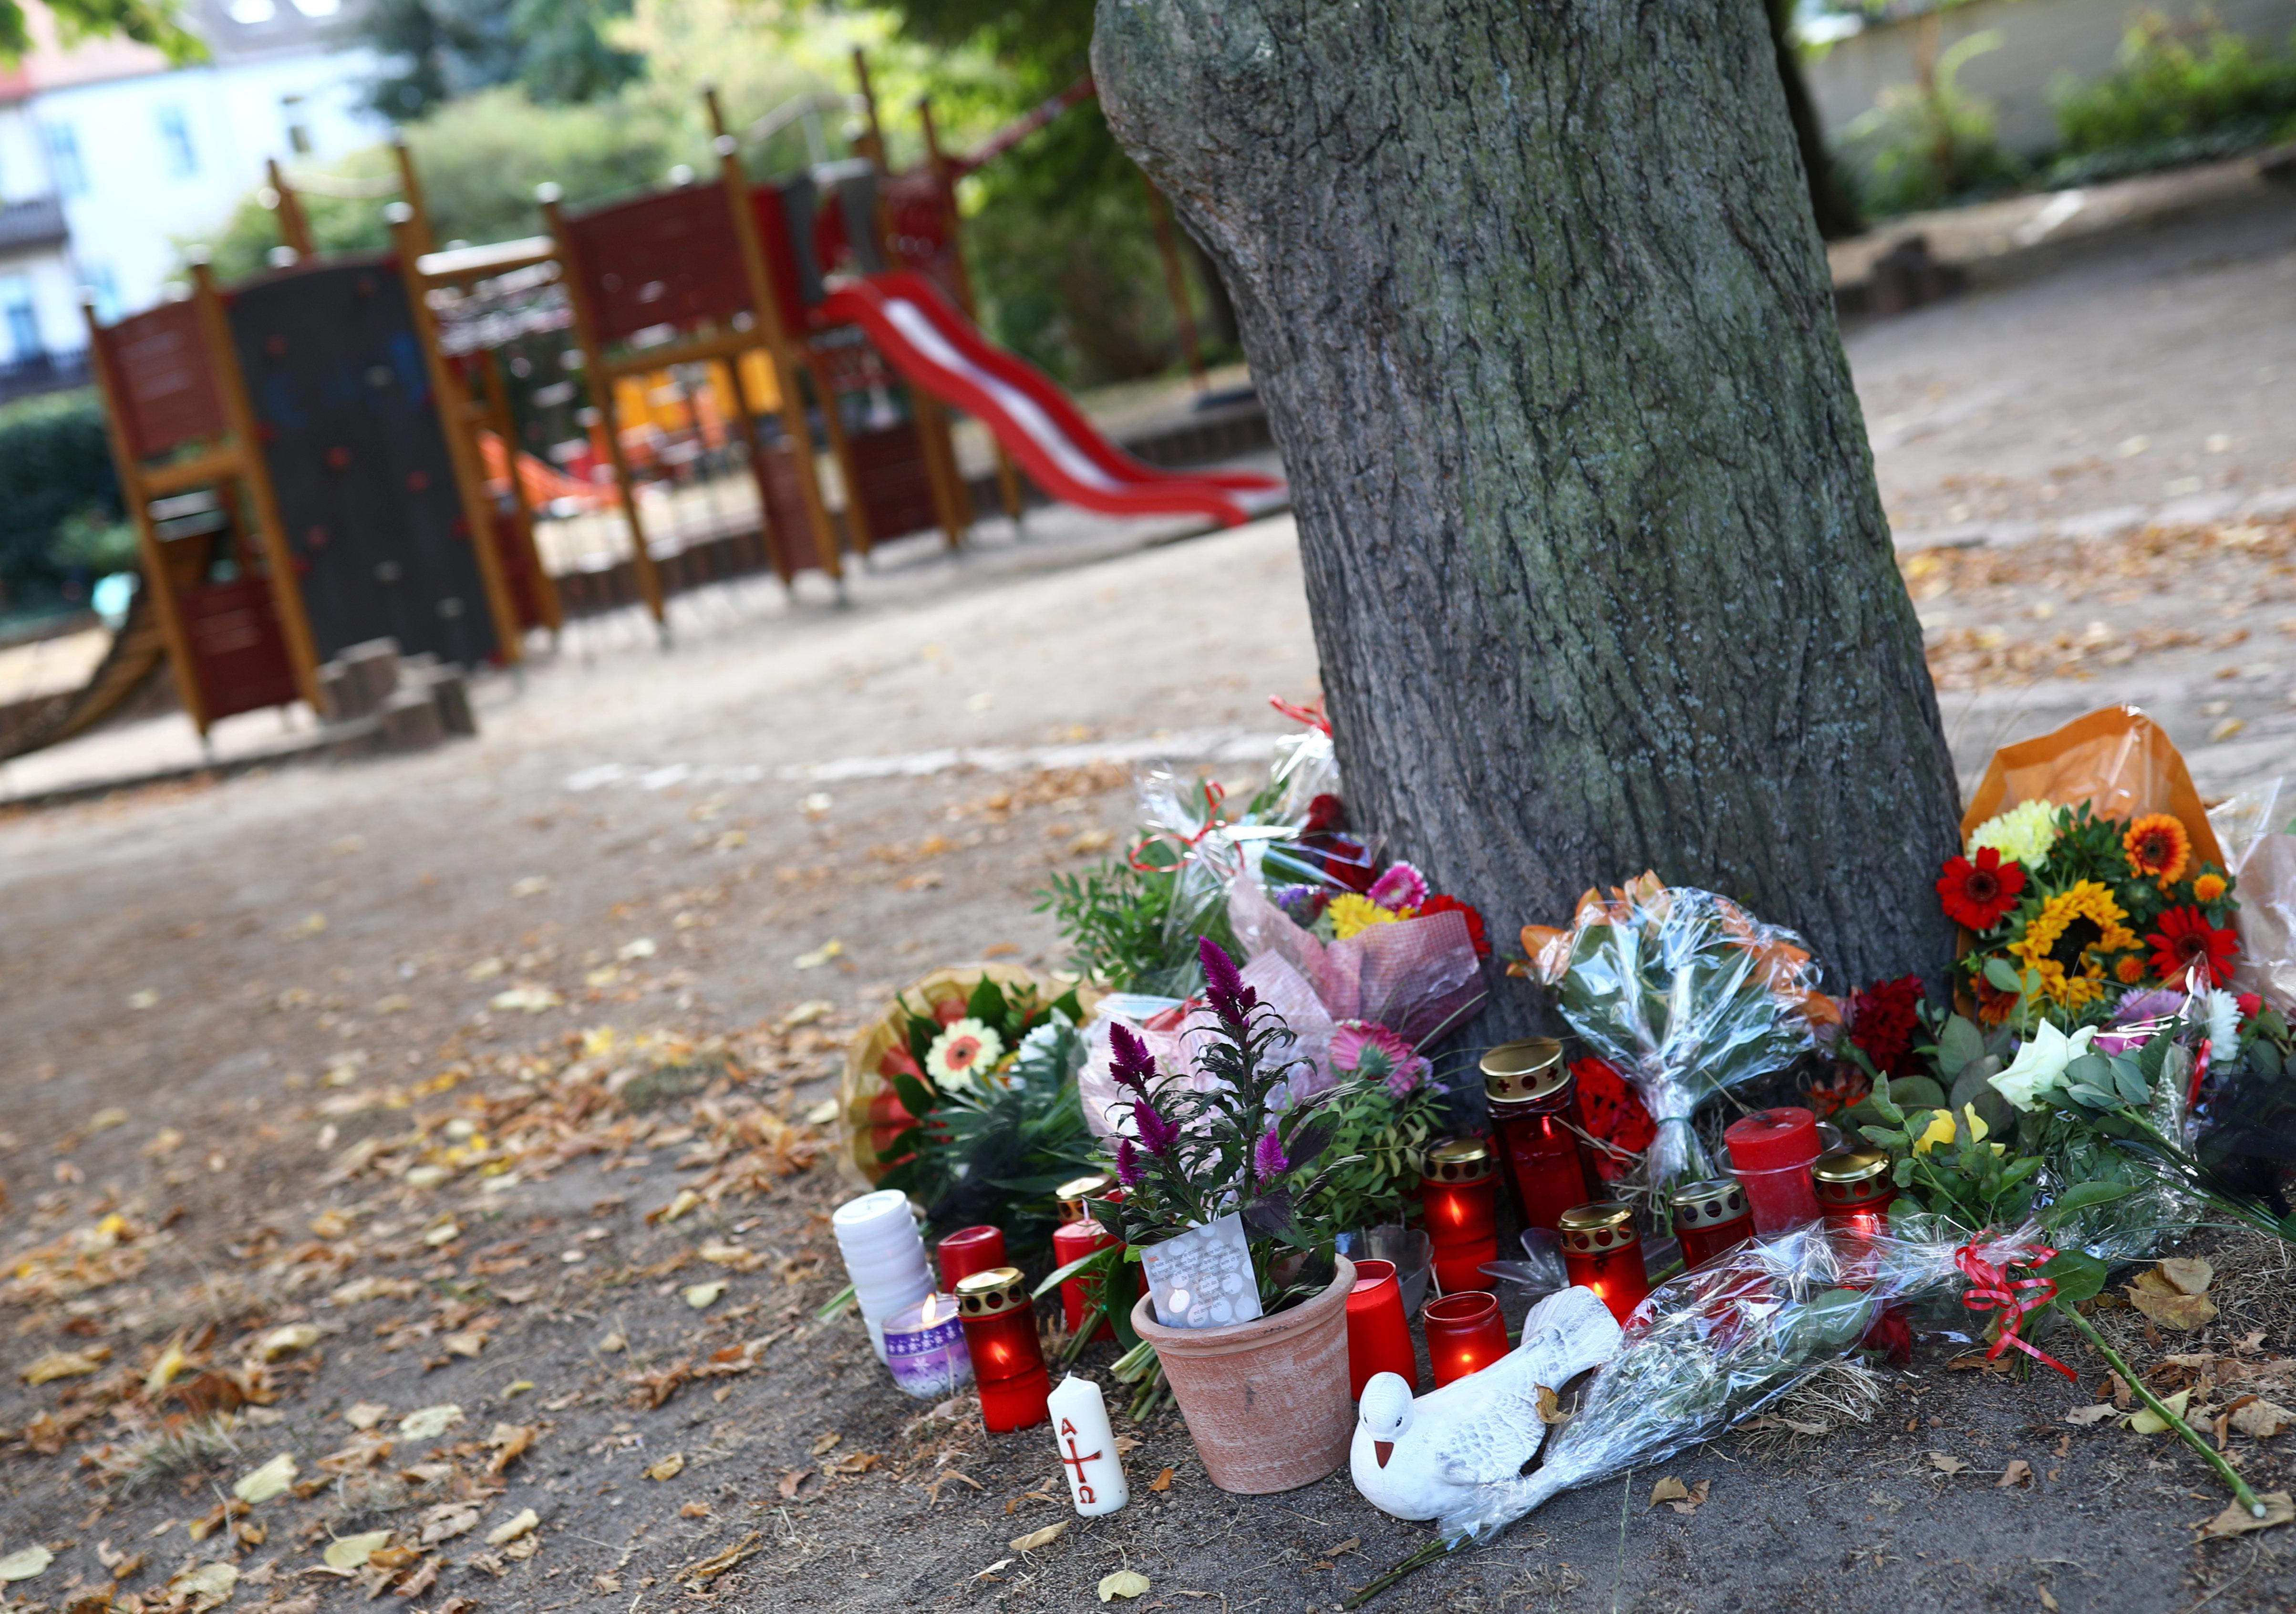 Tödlicher Streit in Köthen: Bürgermeister reagiert genau richtig auf die